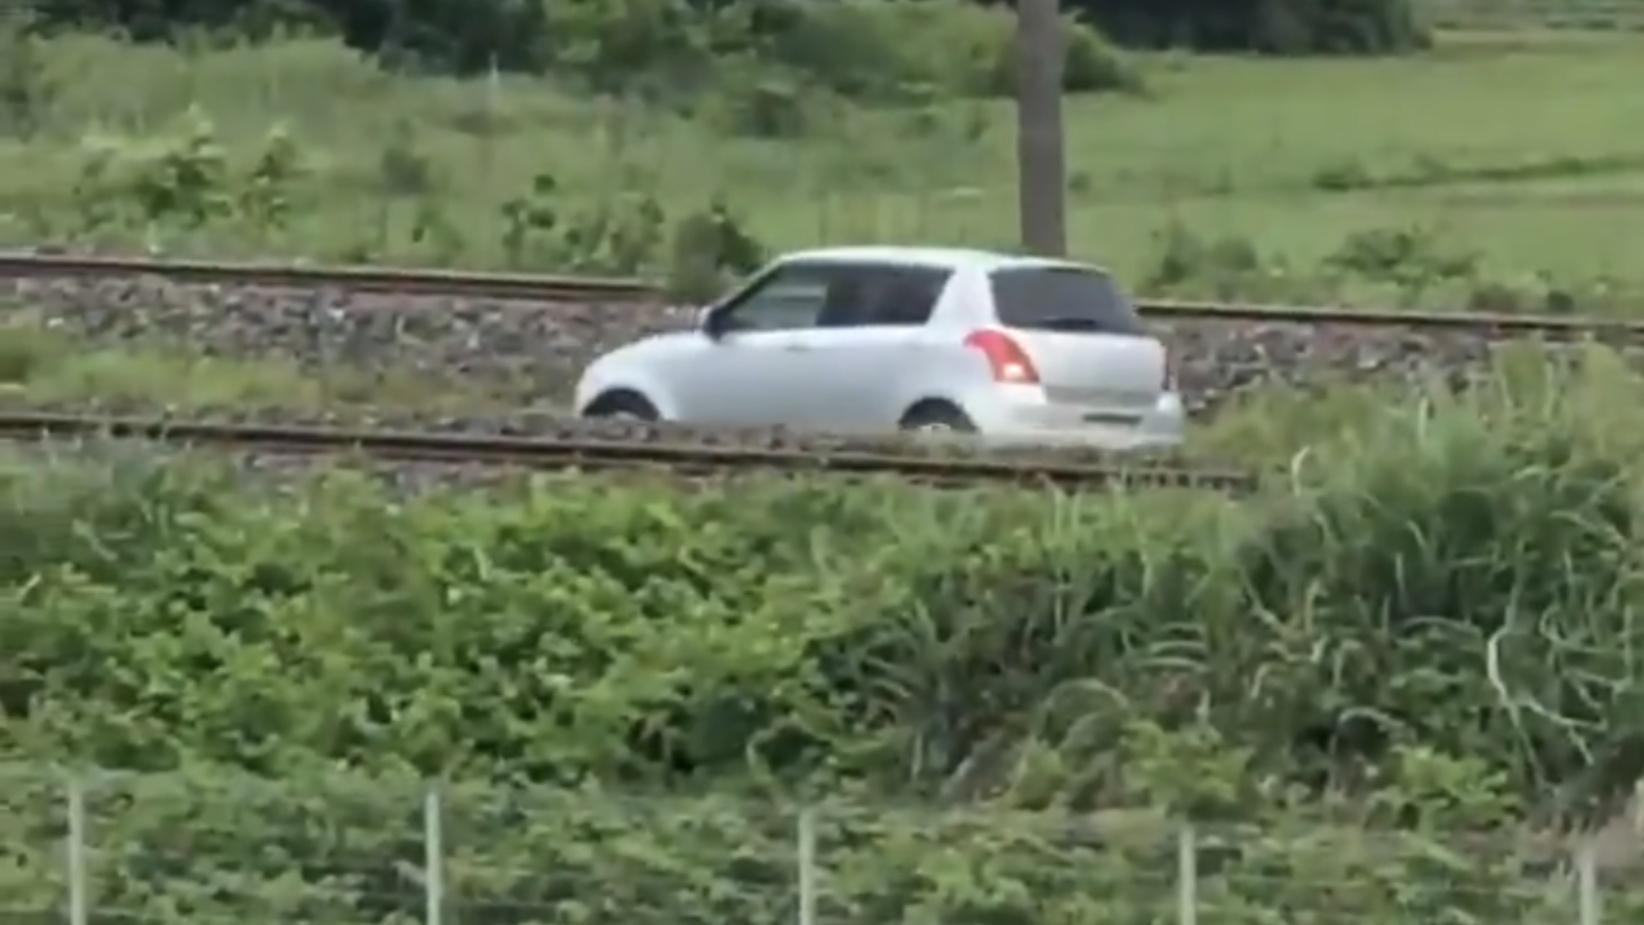 【珍事】スイフトが線路内をバックで暴走 高齢者ドライバーか